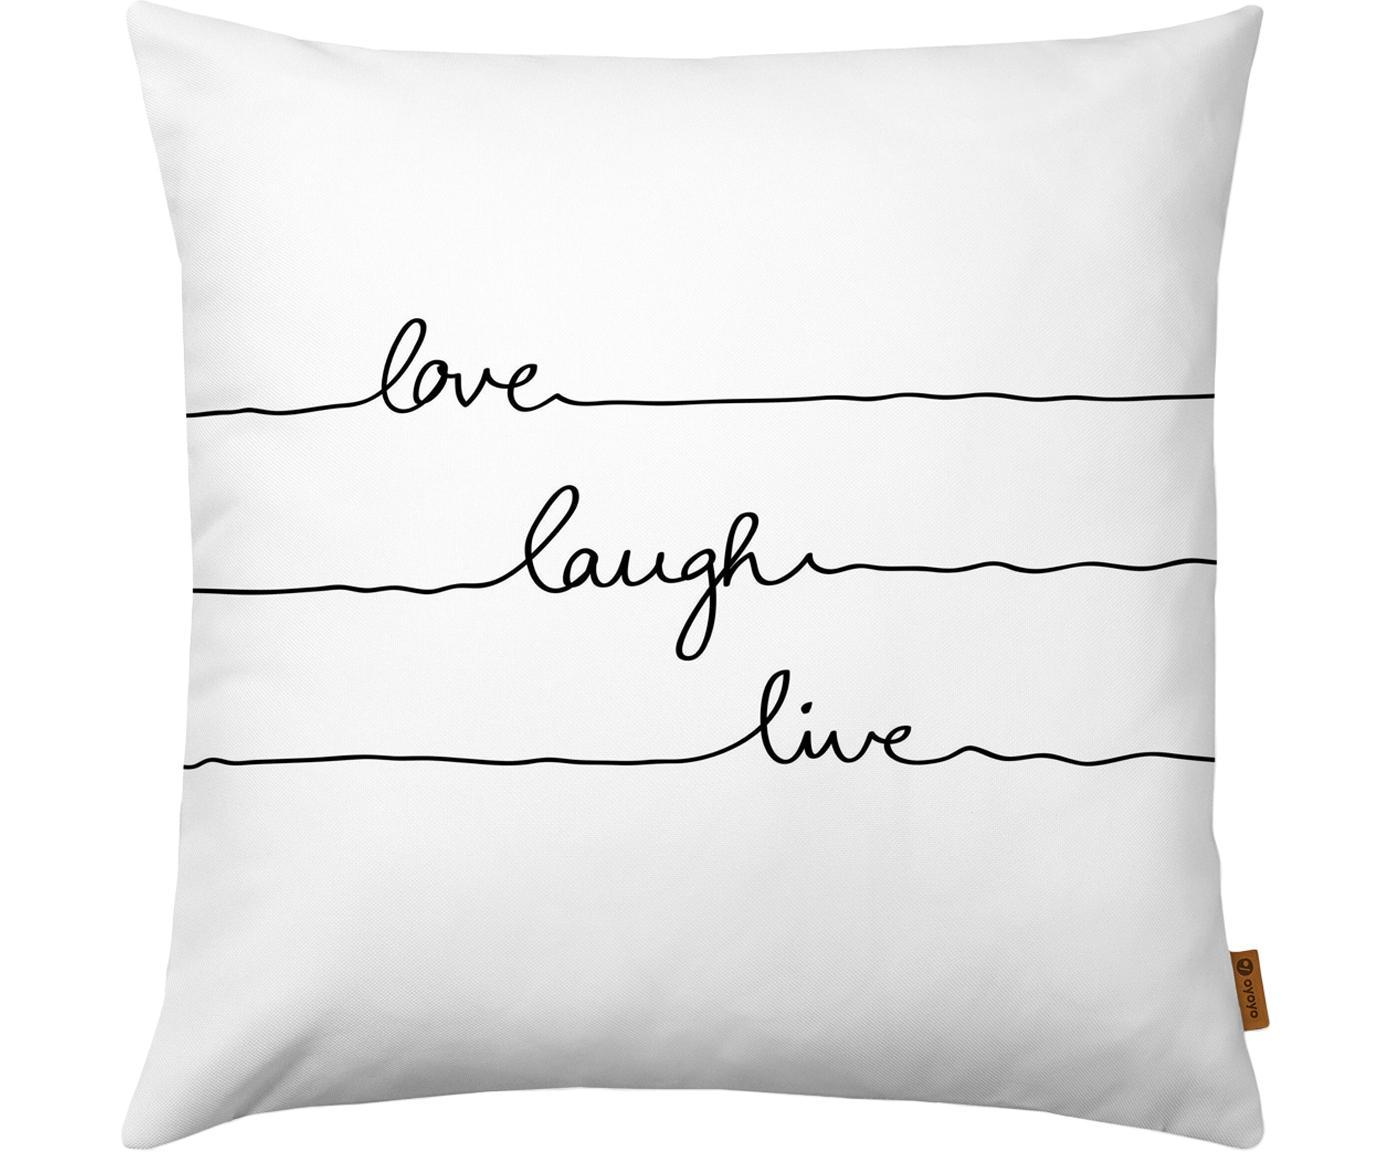 Federa arredo con scritta  Love Laugh Live, Poliestere, Bianco, nero, Larg. 40 x Lung. 40 cm